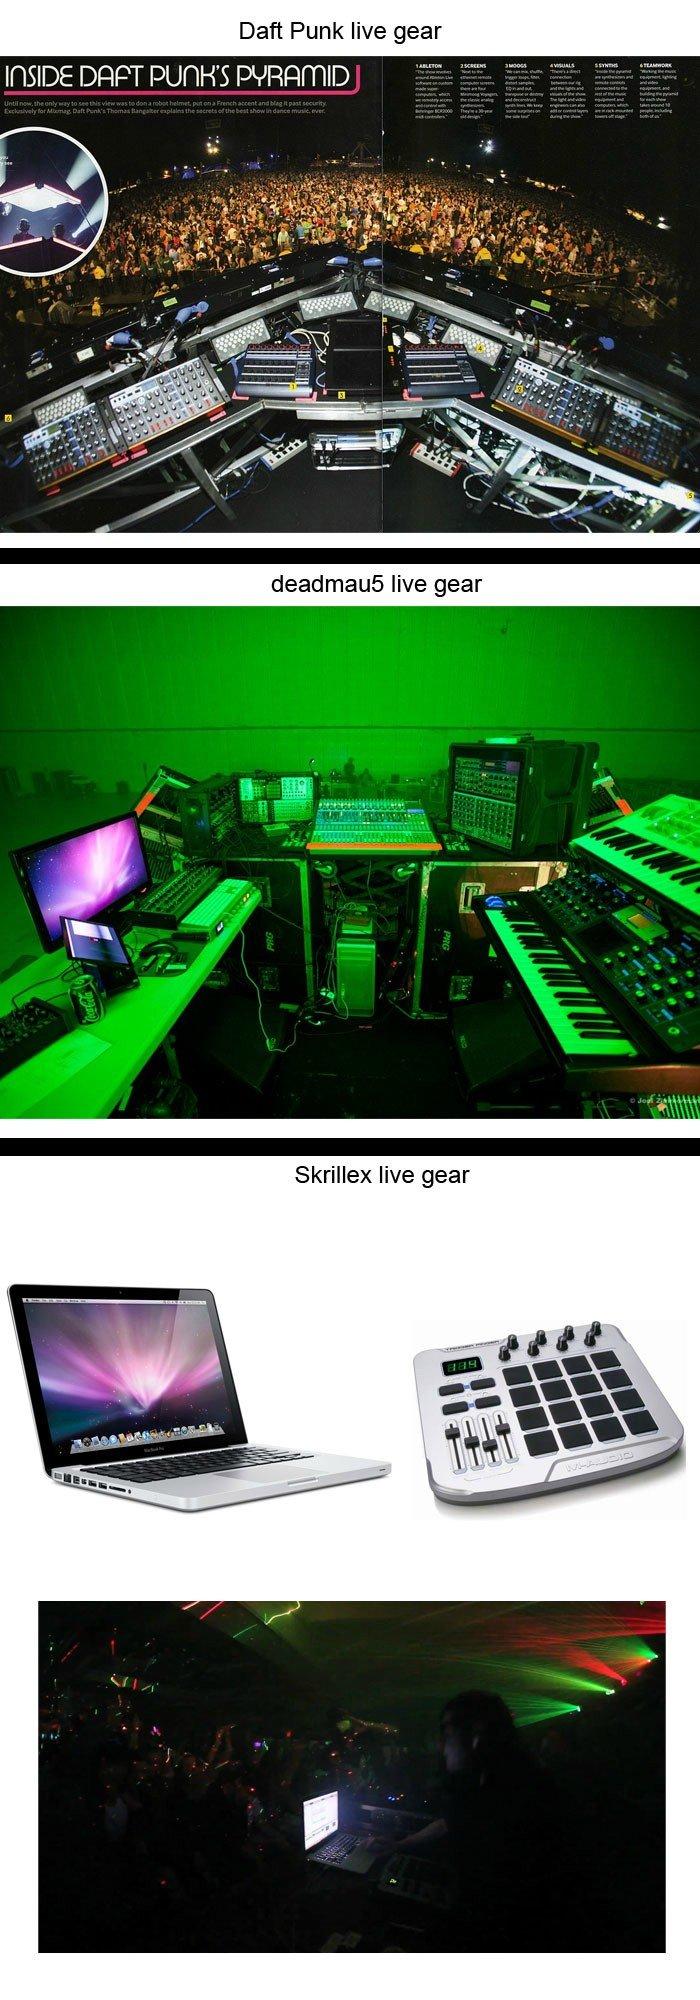 No Skrillex, Mac is not an instrument. . Daft Punk live gear Skrillex live gear. Do musicians even use instruments anymore? daft punk ftw